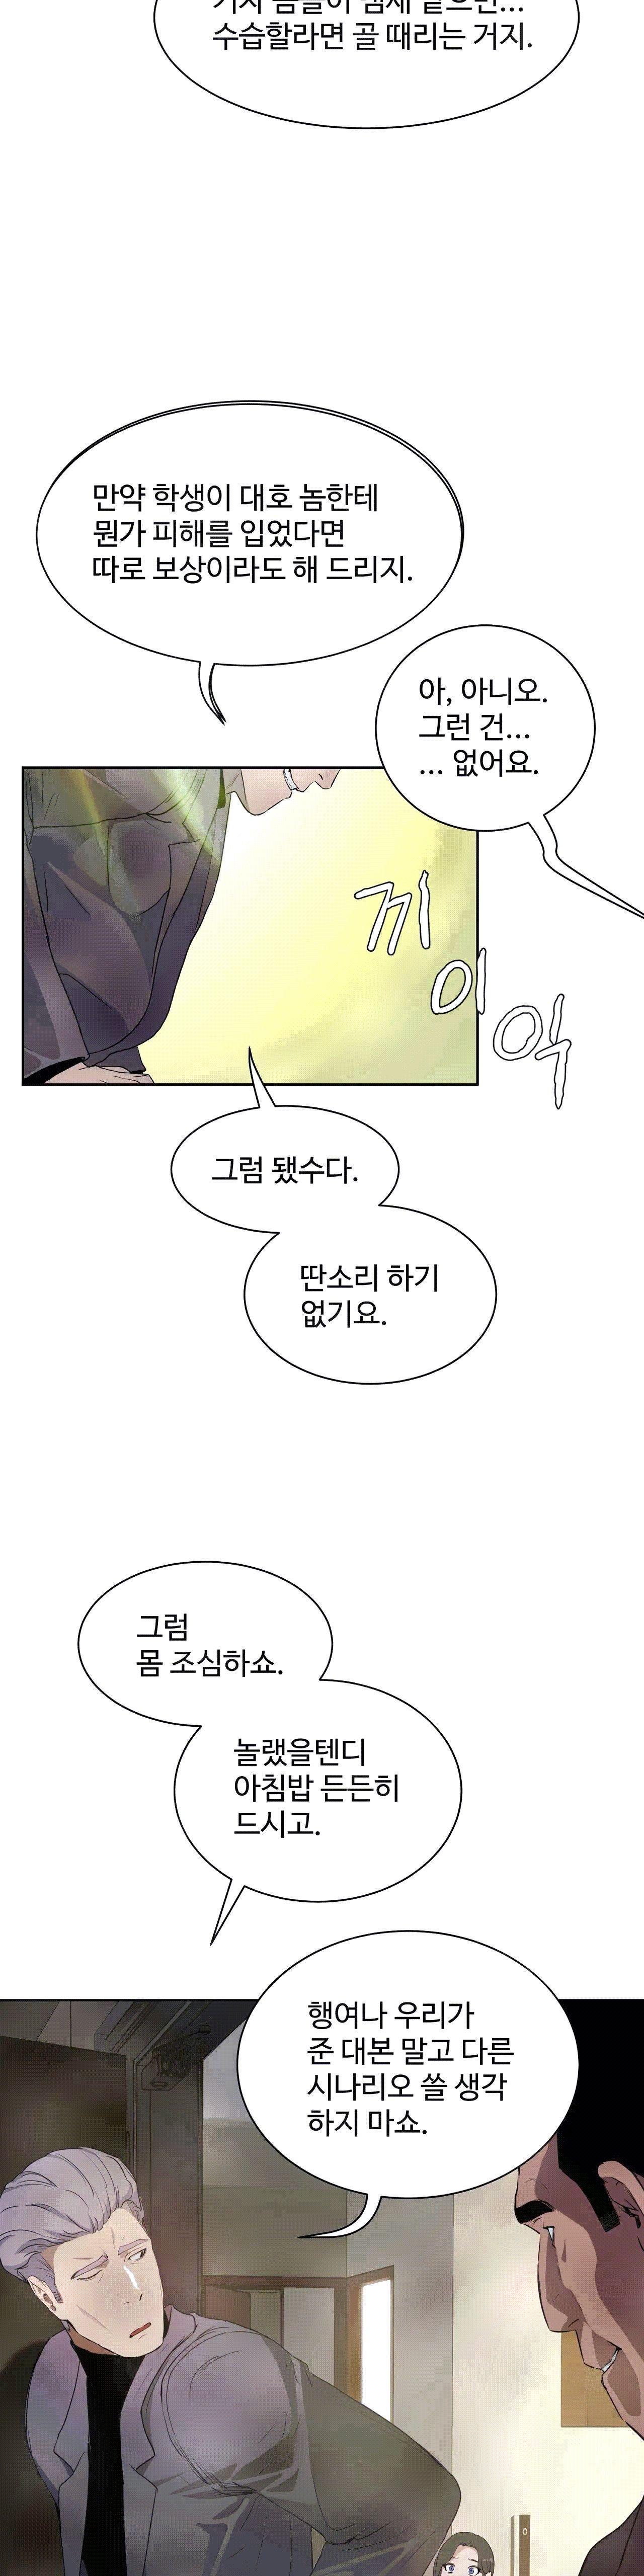 性教育 1-48.5 中文翻译(完結) 408